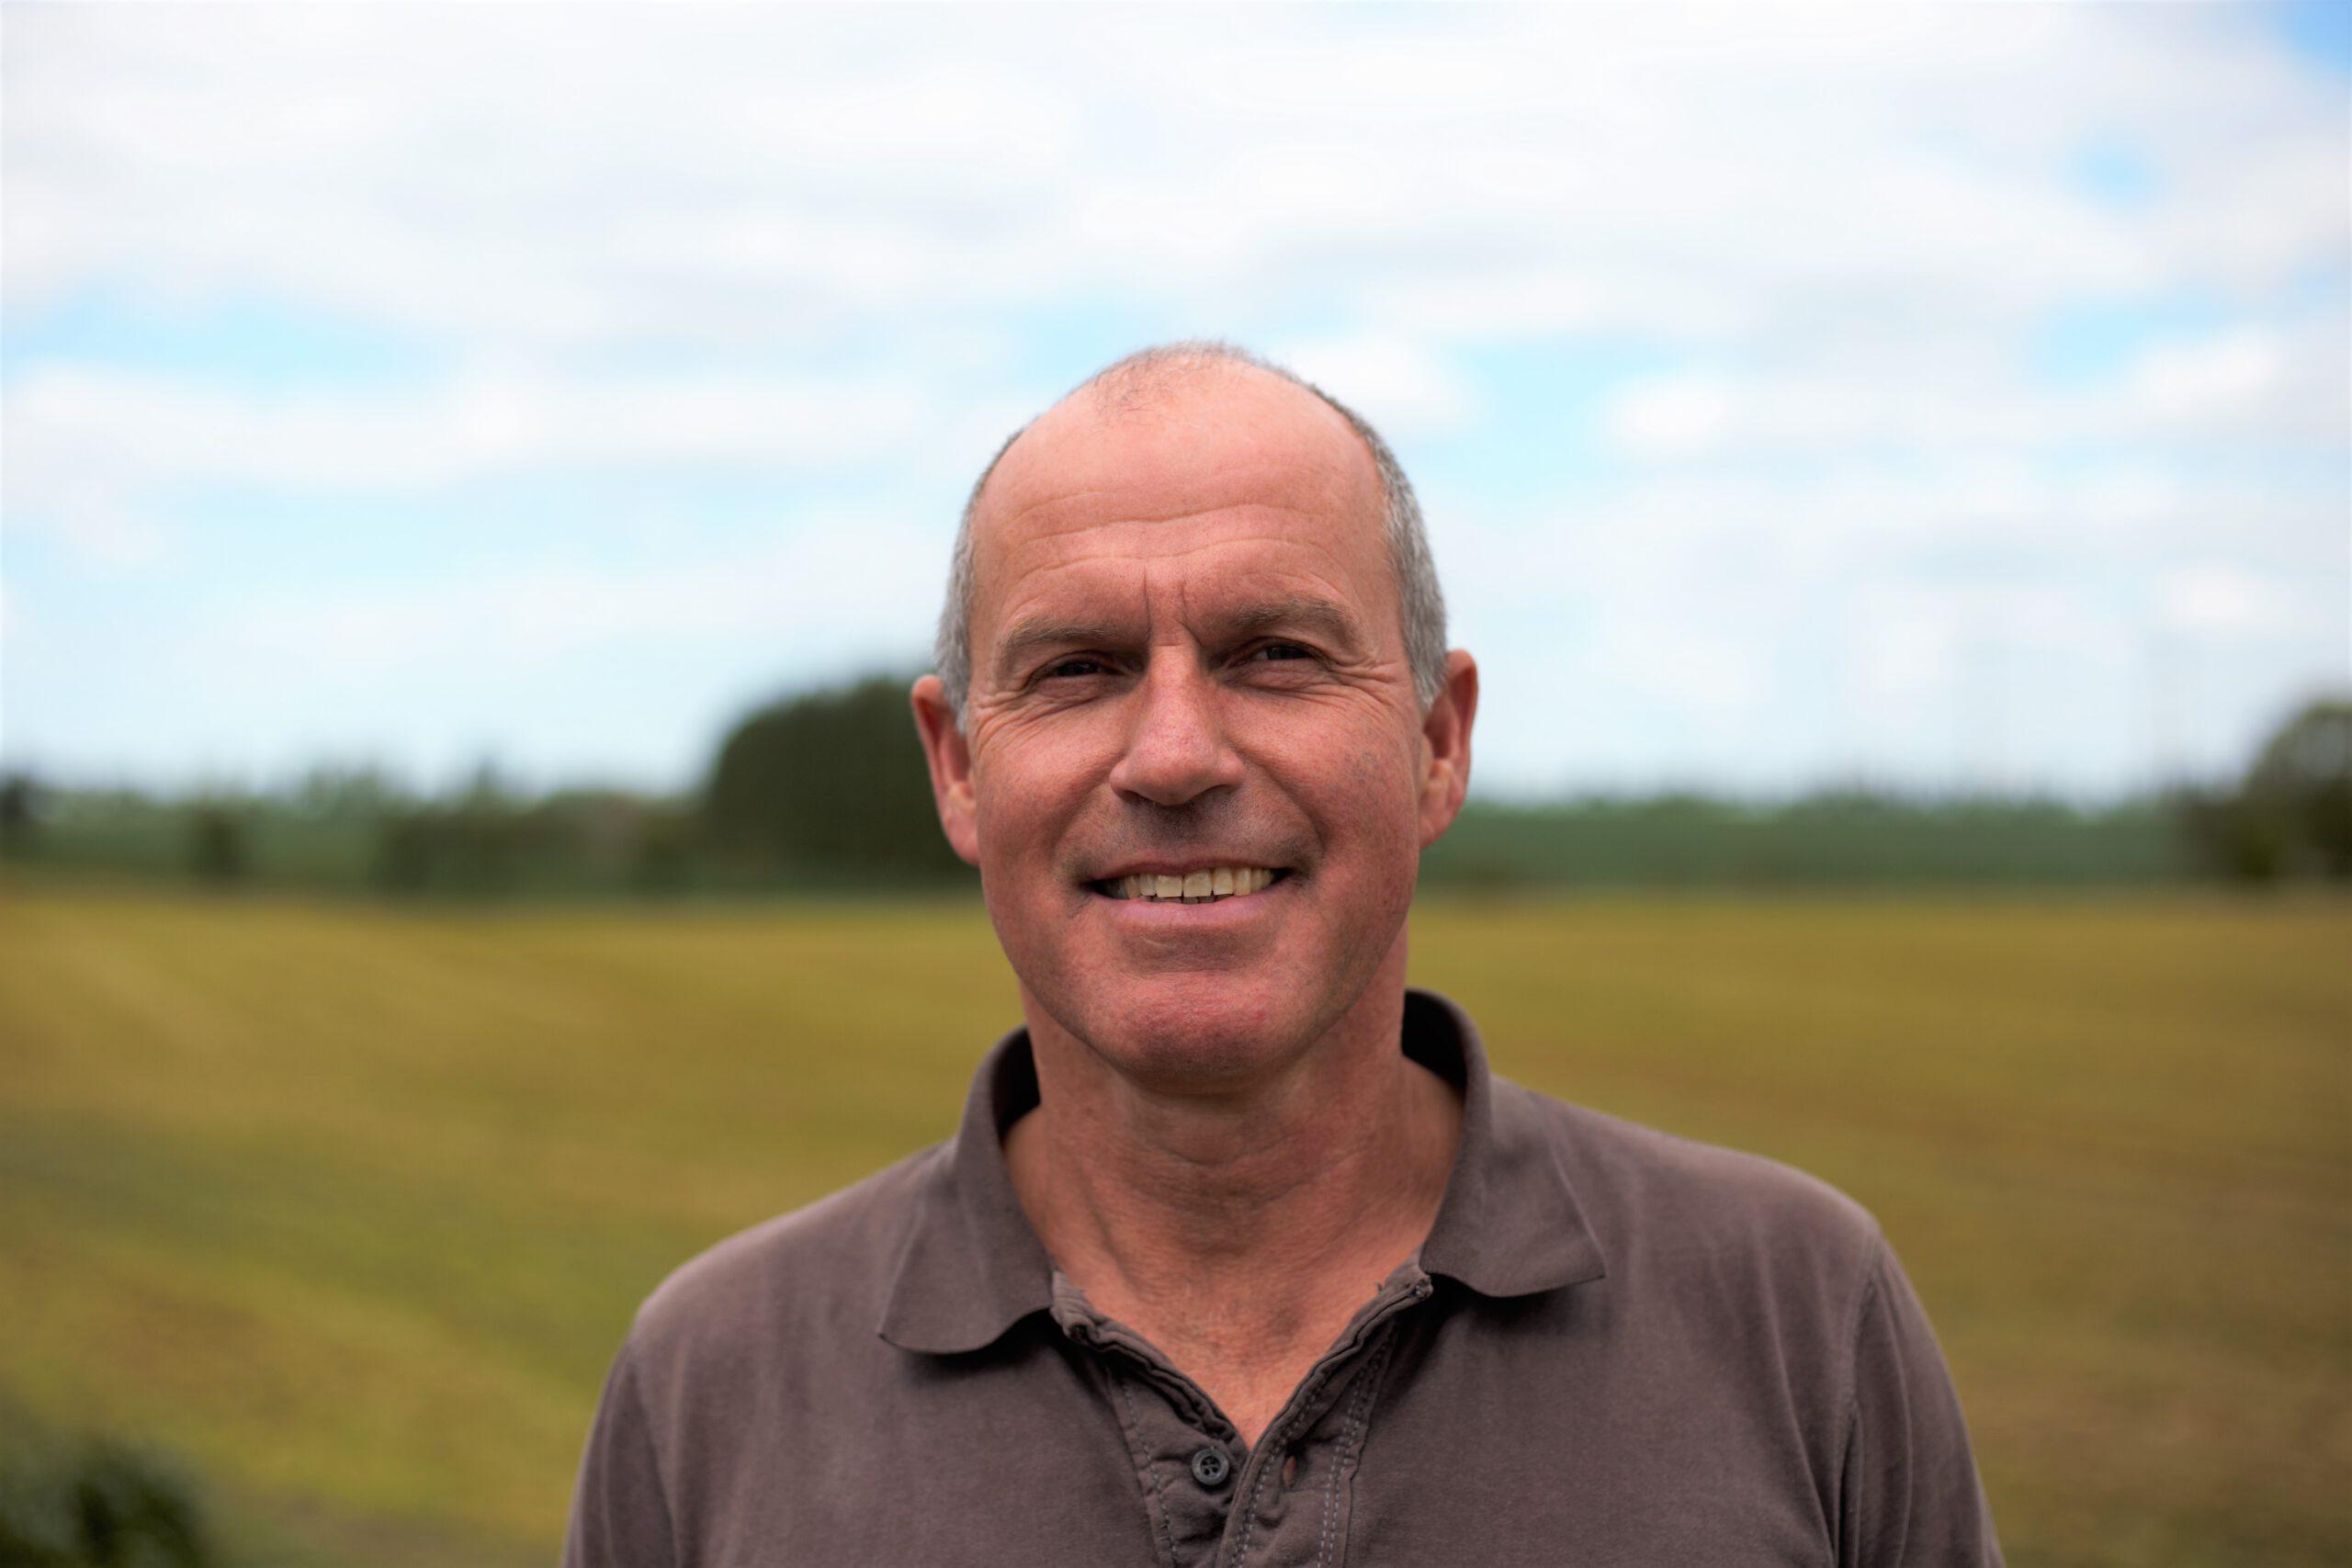 Herr Klobuch kennt die Probleme und Herausforderungen der Landwirtschaft.